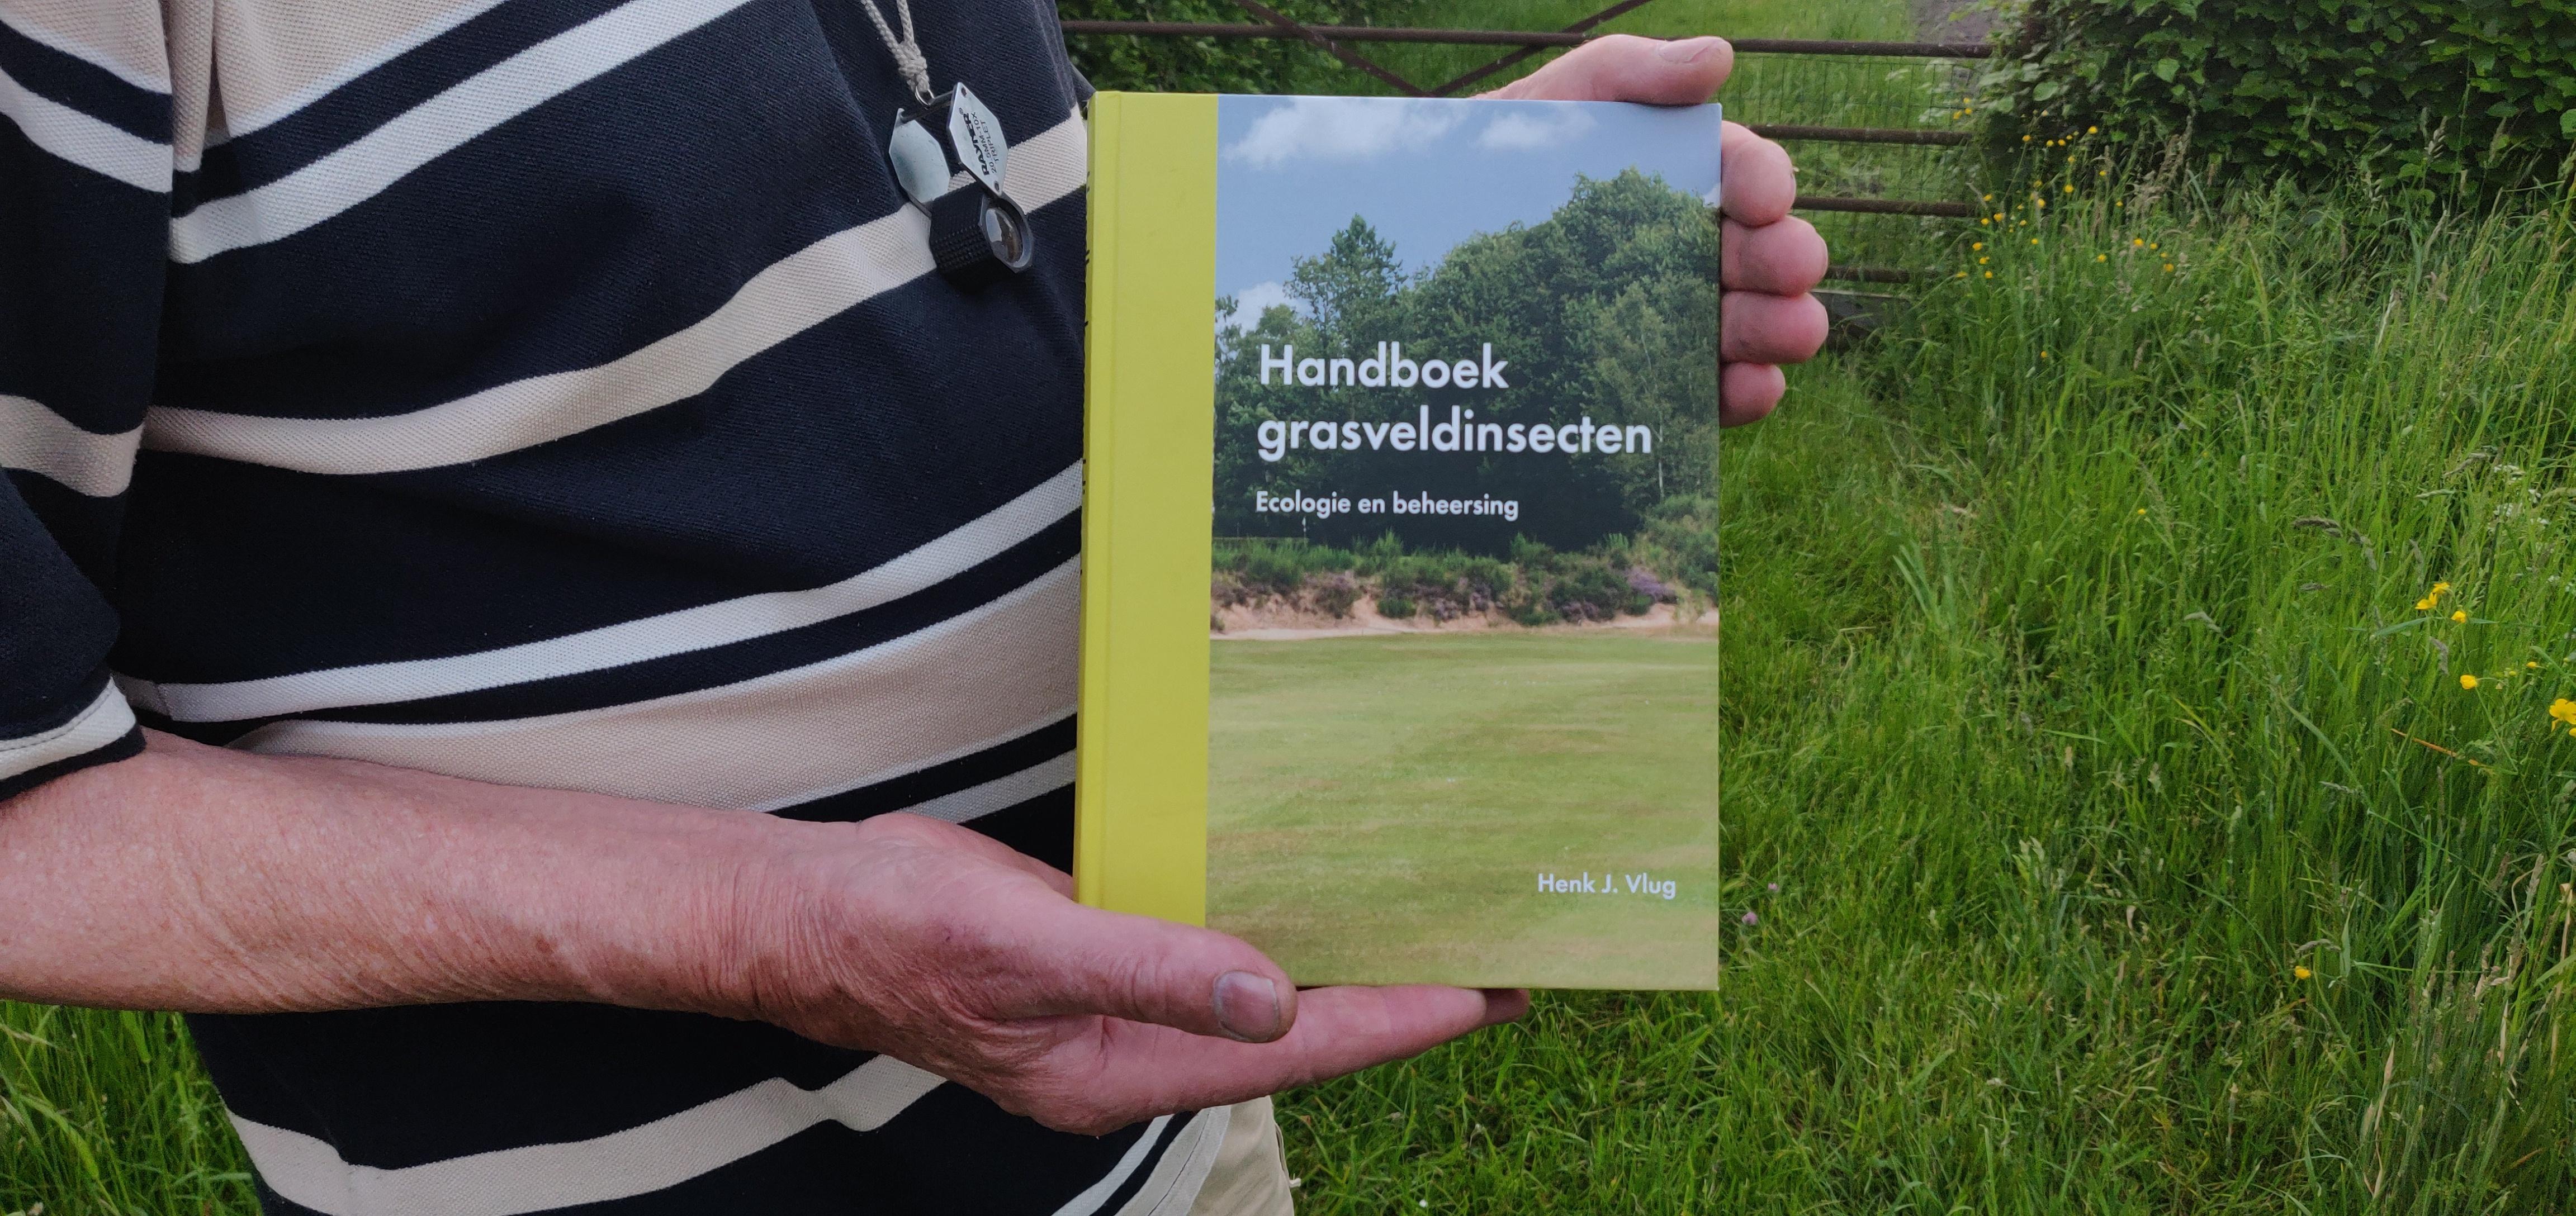 Handboek grasveldinsecten